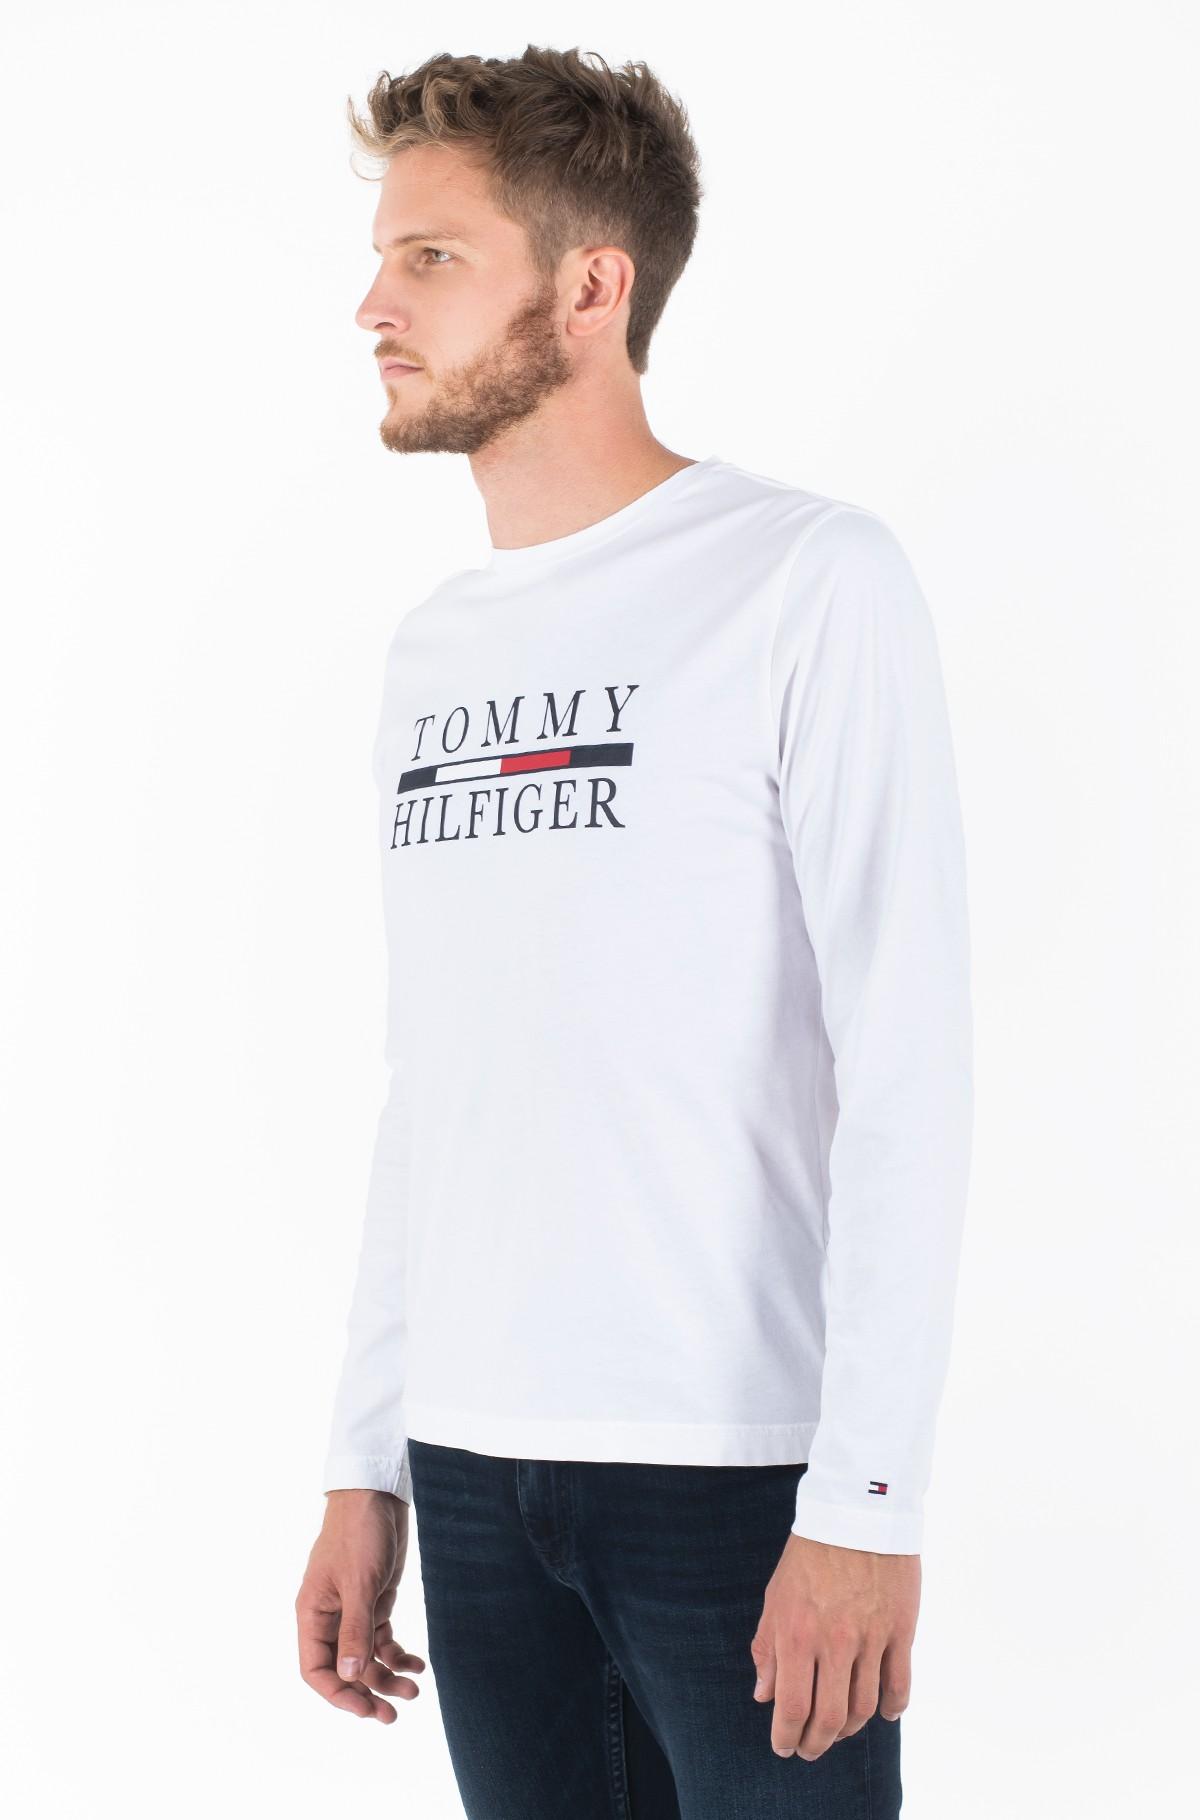 Pikkade käistega t-särk TOMMY HILFIGER LONG SLEEVE TEE-full-1